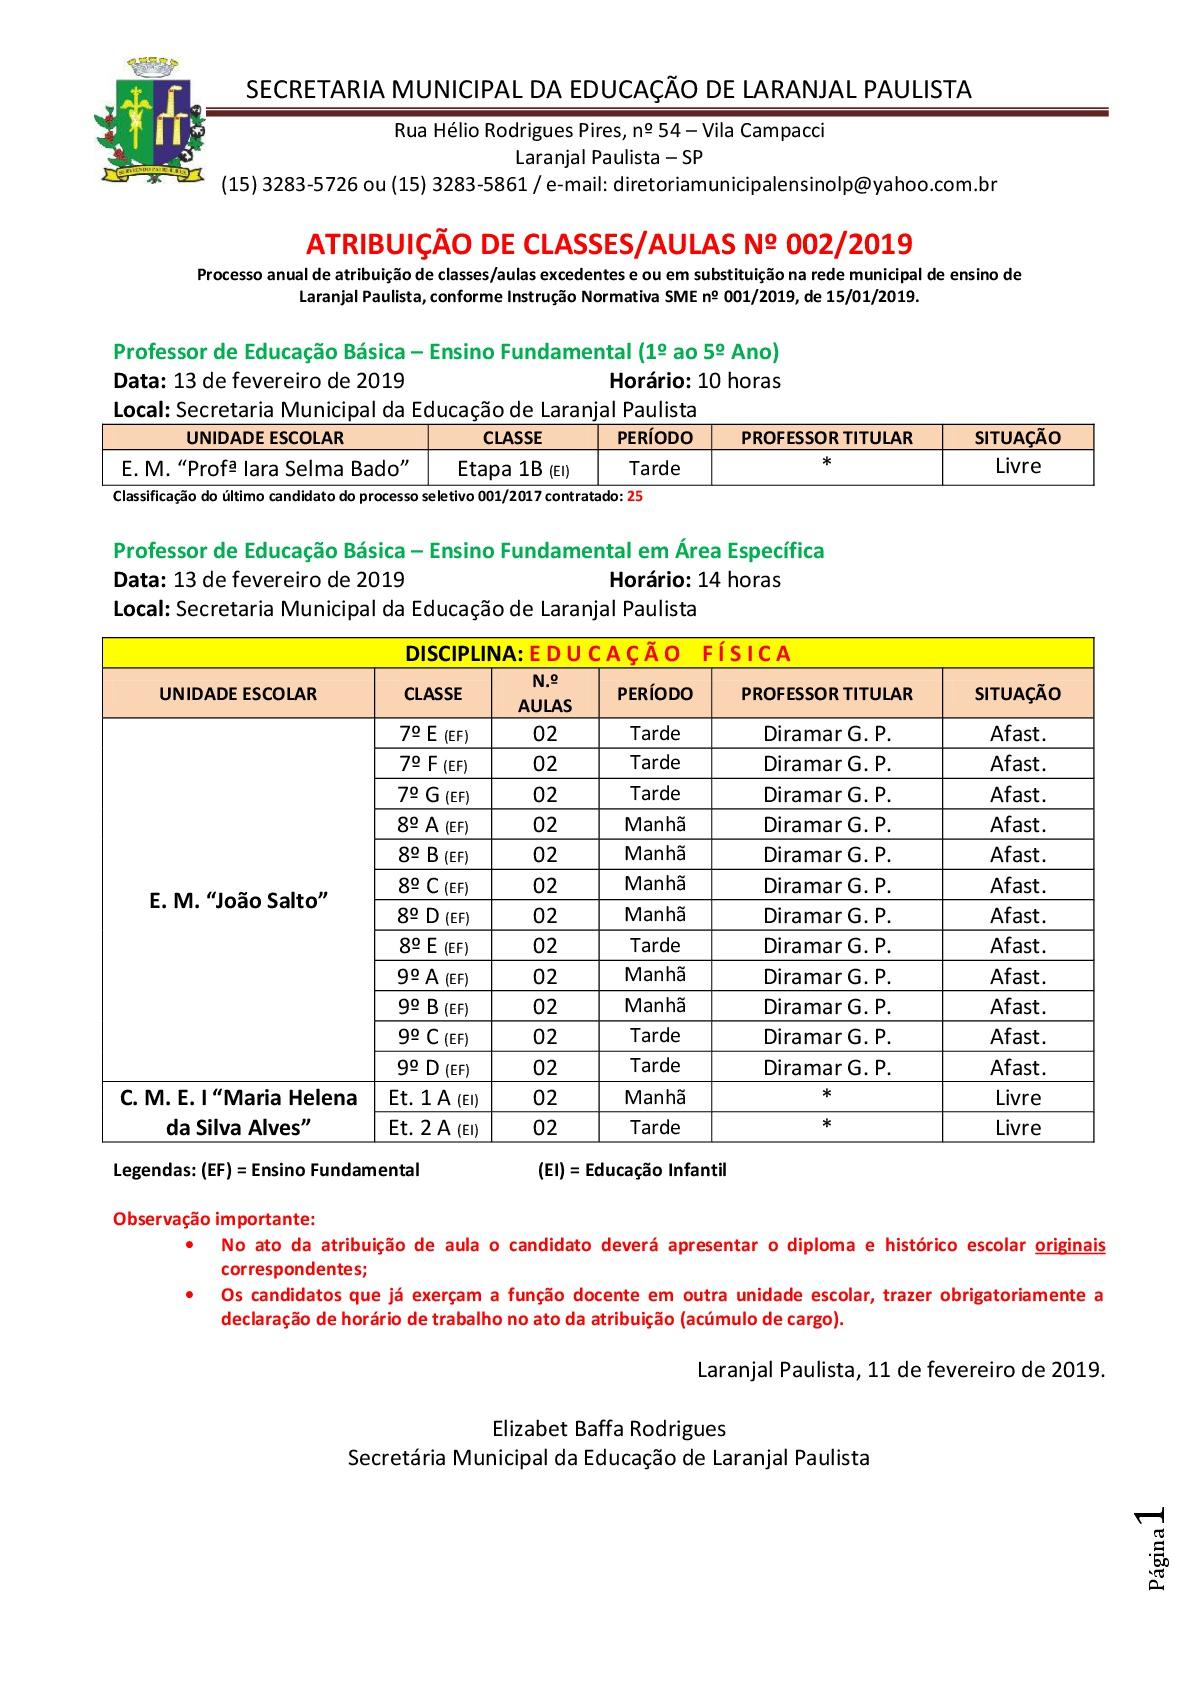 Atribuição de classes e ou aulas excedentes 002-2019